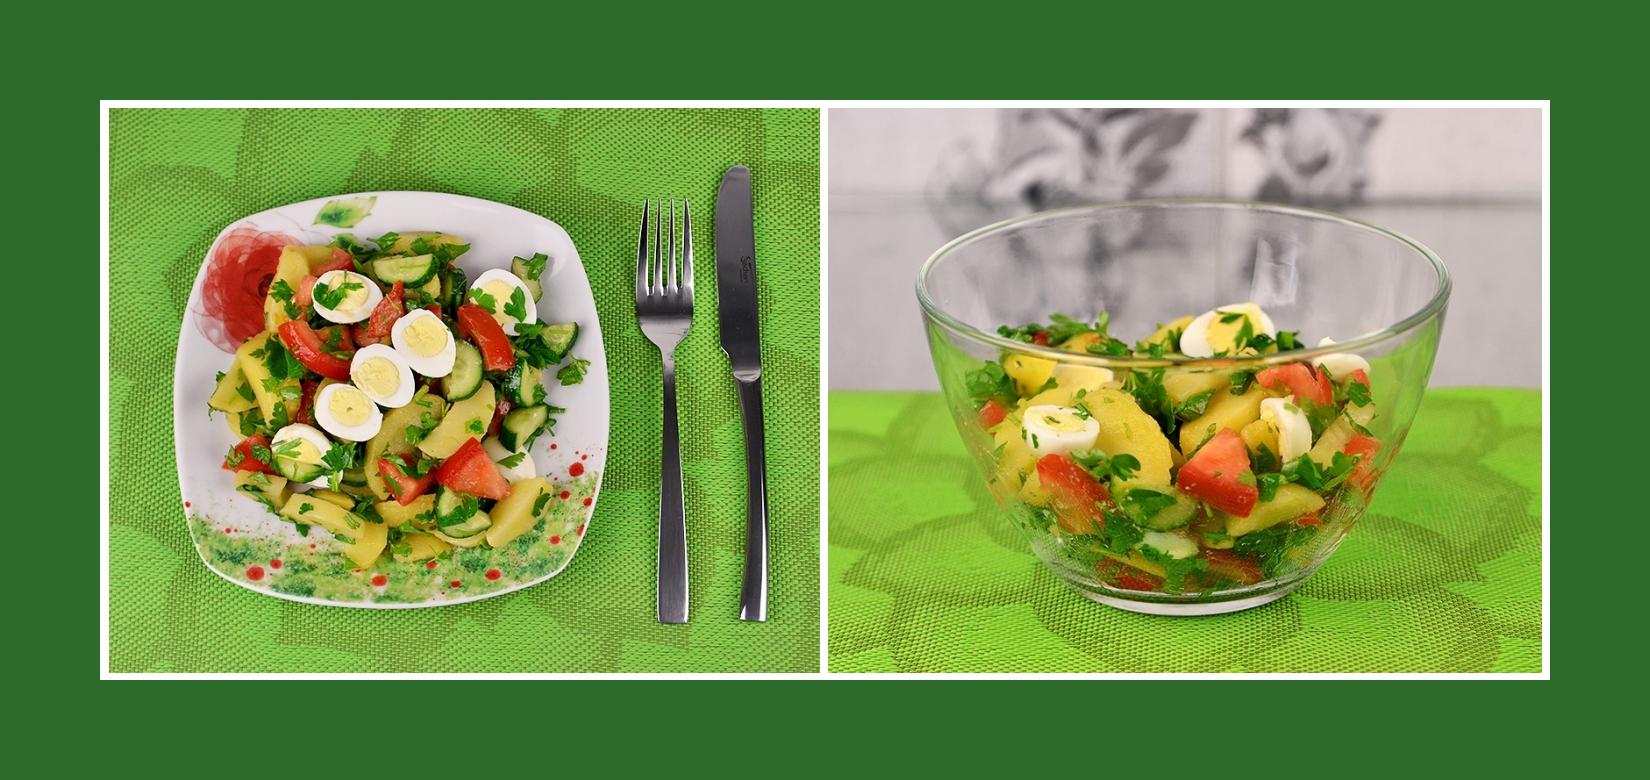 Bunter Kartoffelsalat mit frischem Gemüse, Kräutern und Wachtelei Delikatessen